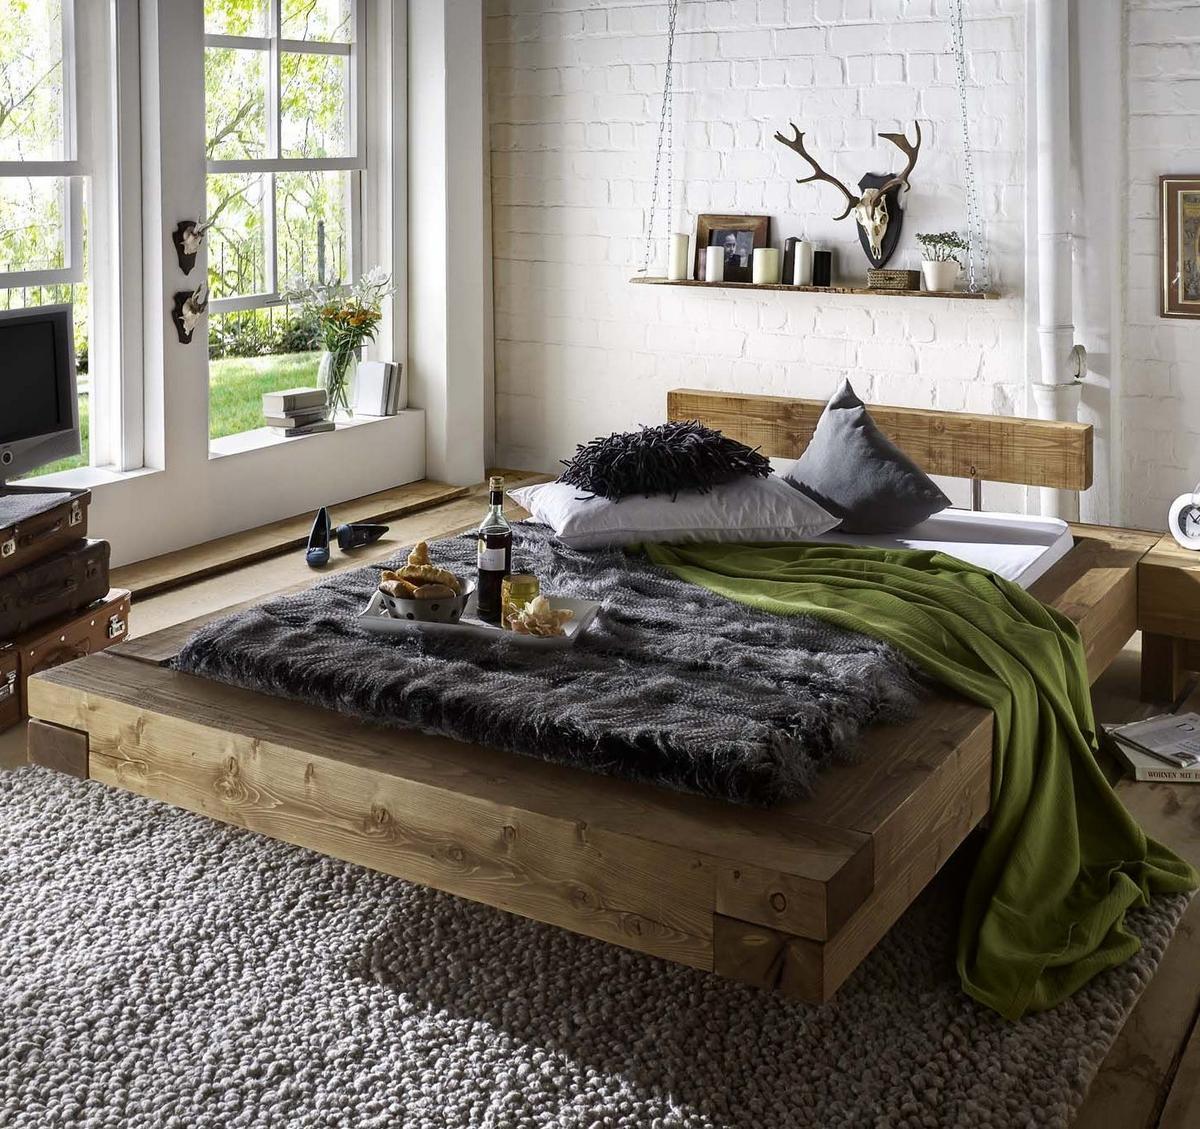 ... Holzbett Fichte antik : Schlafzimmer Komplett Antik Massiv Kiefer